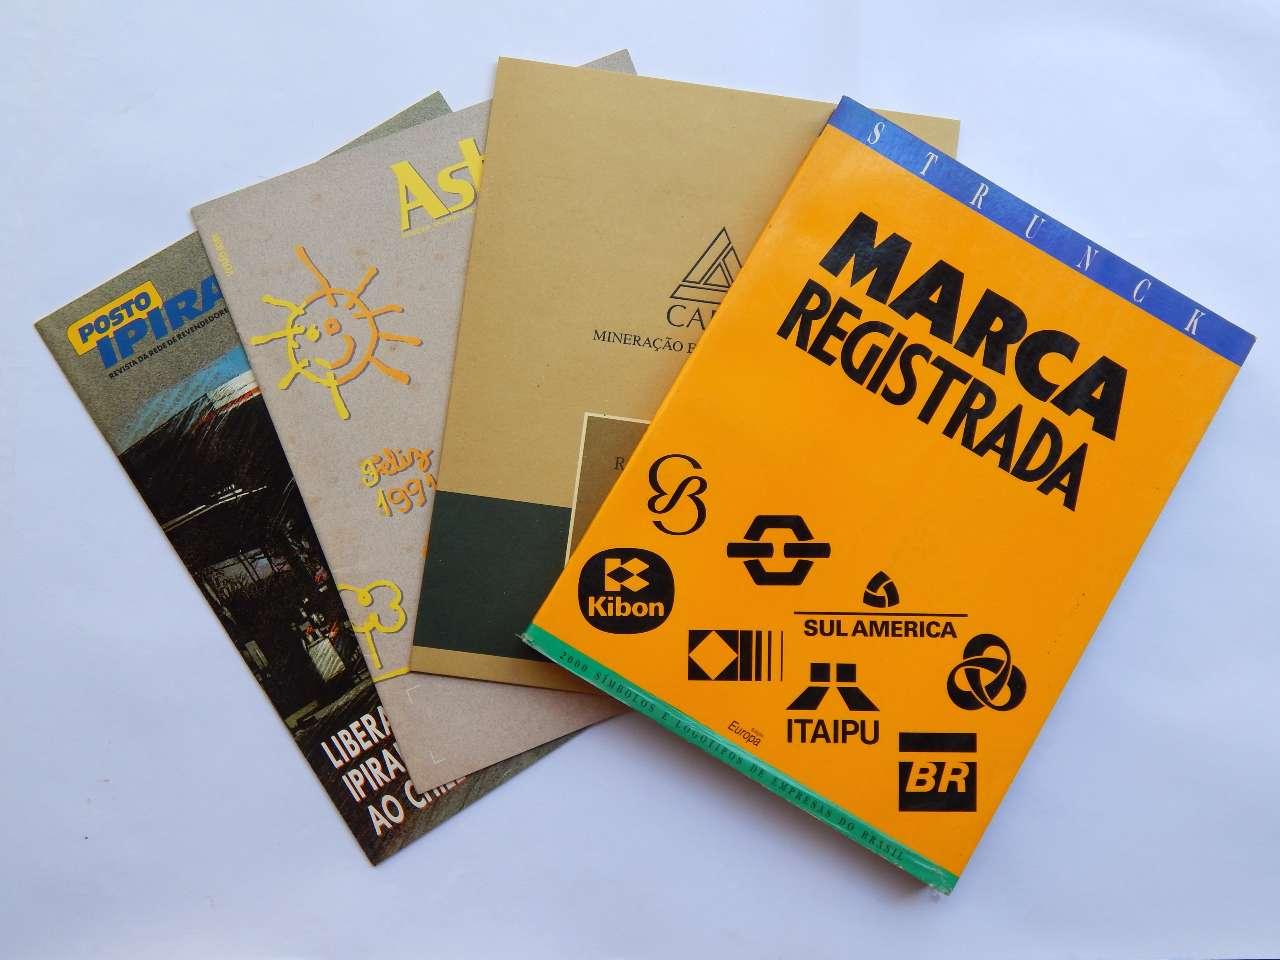 Diagramação eletrônica de revistas e um livro